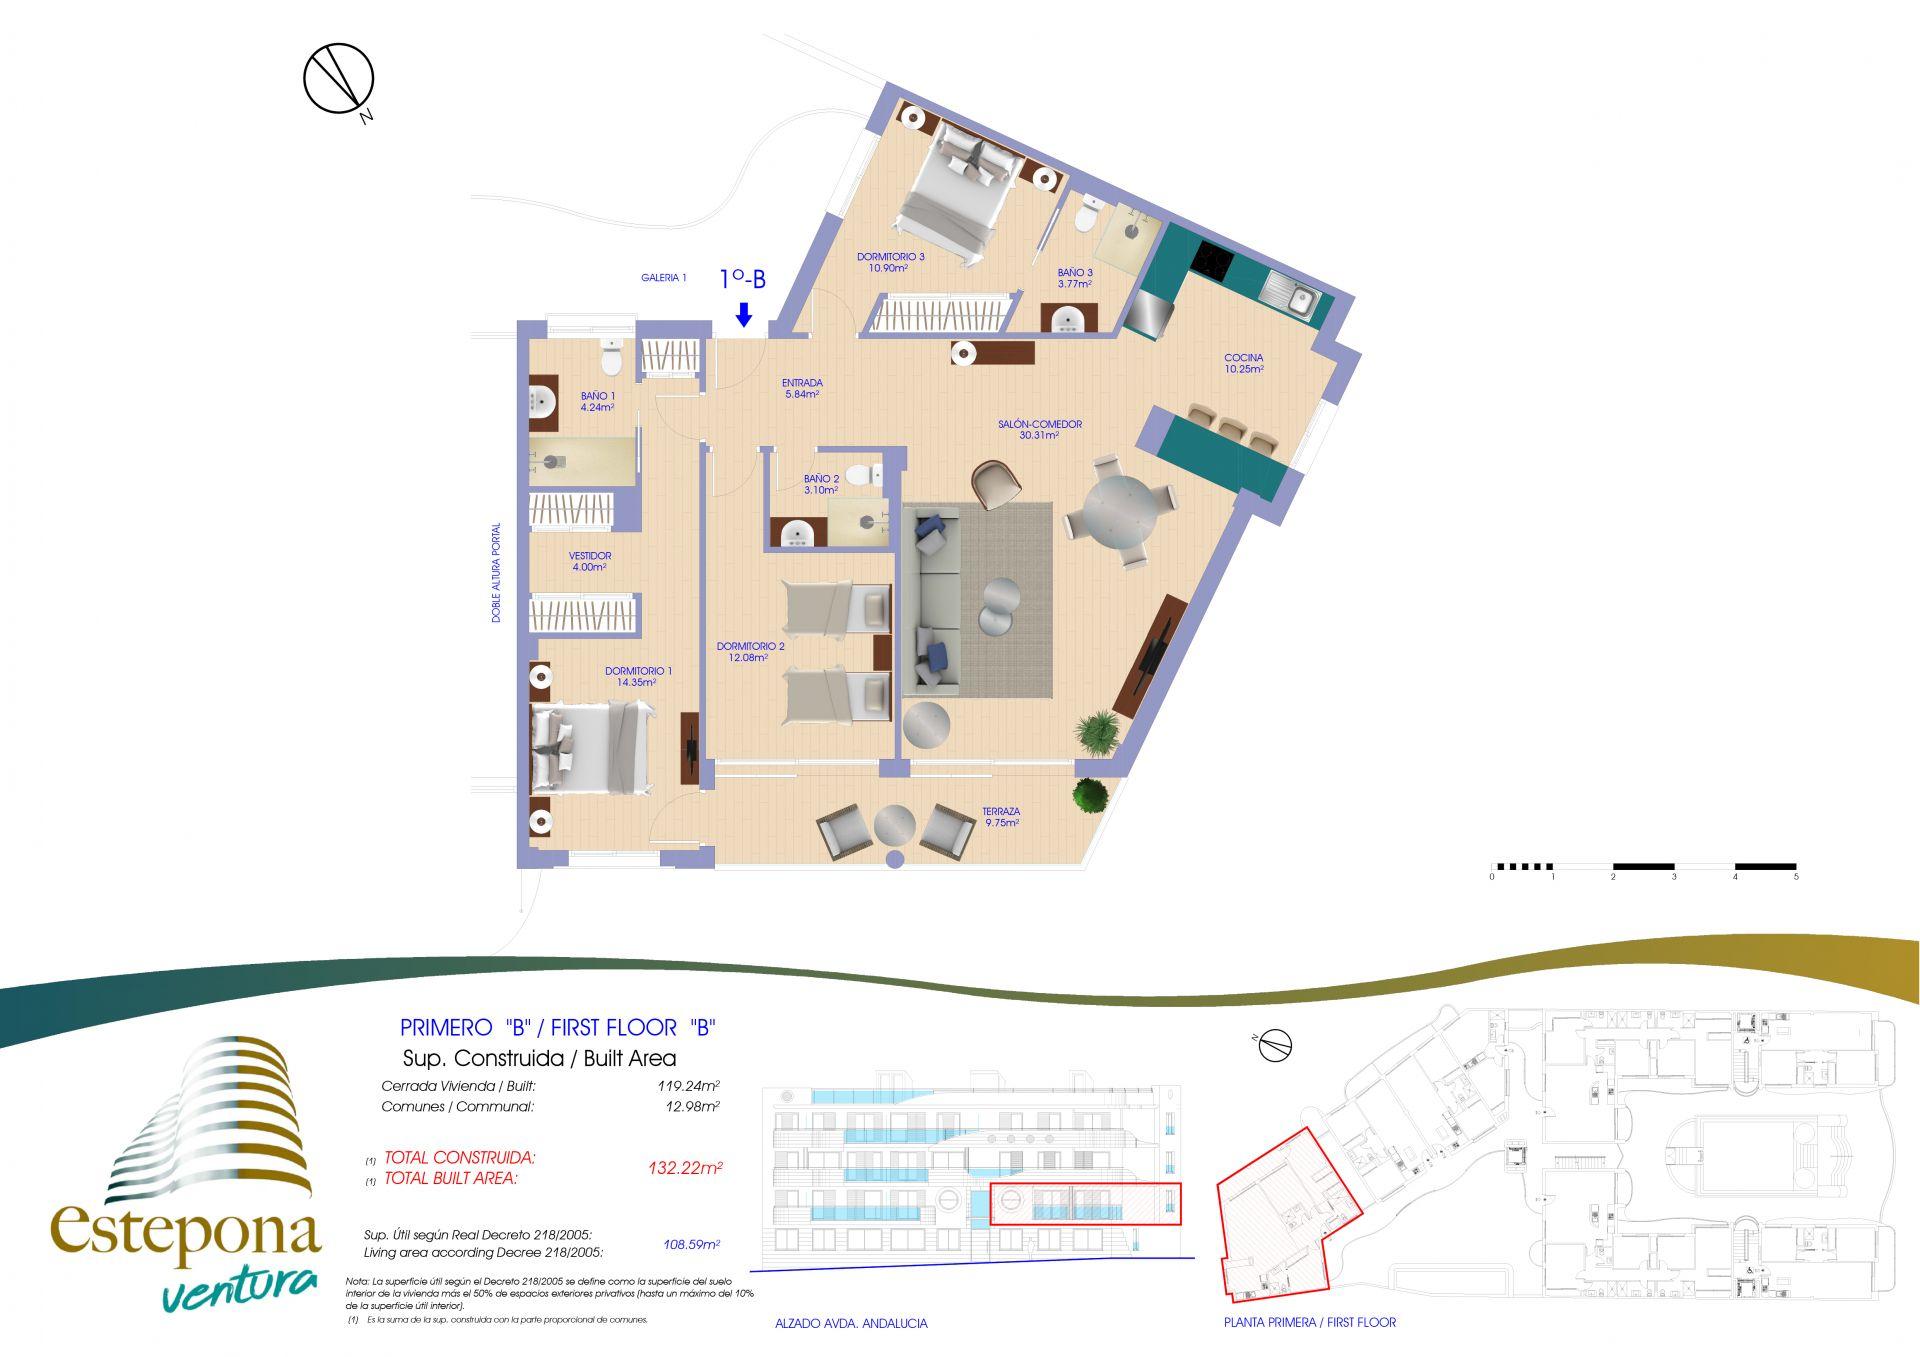 20201221 1º B  - Ventura Estepona | Compra de casa en Estepona